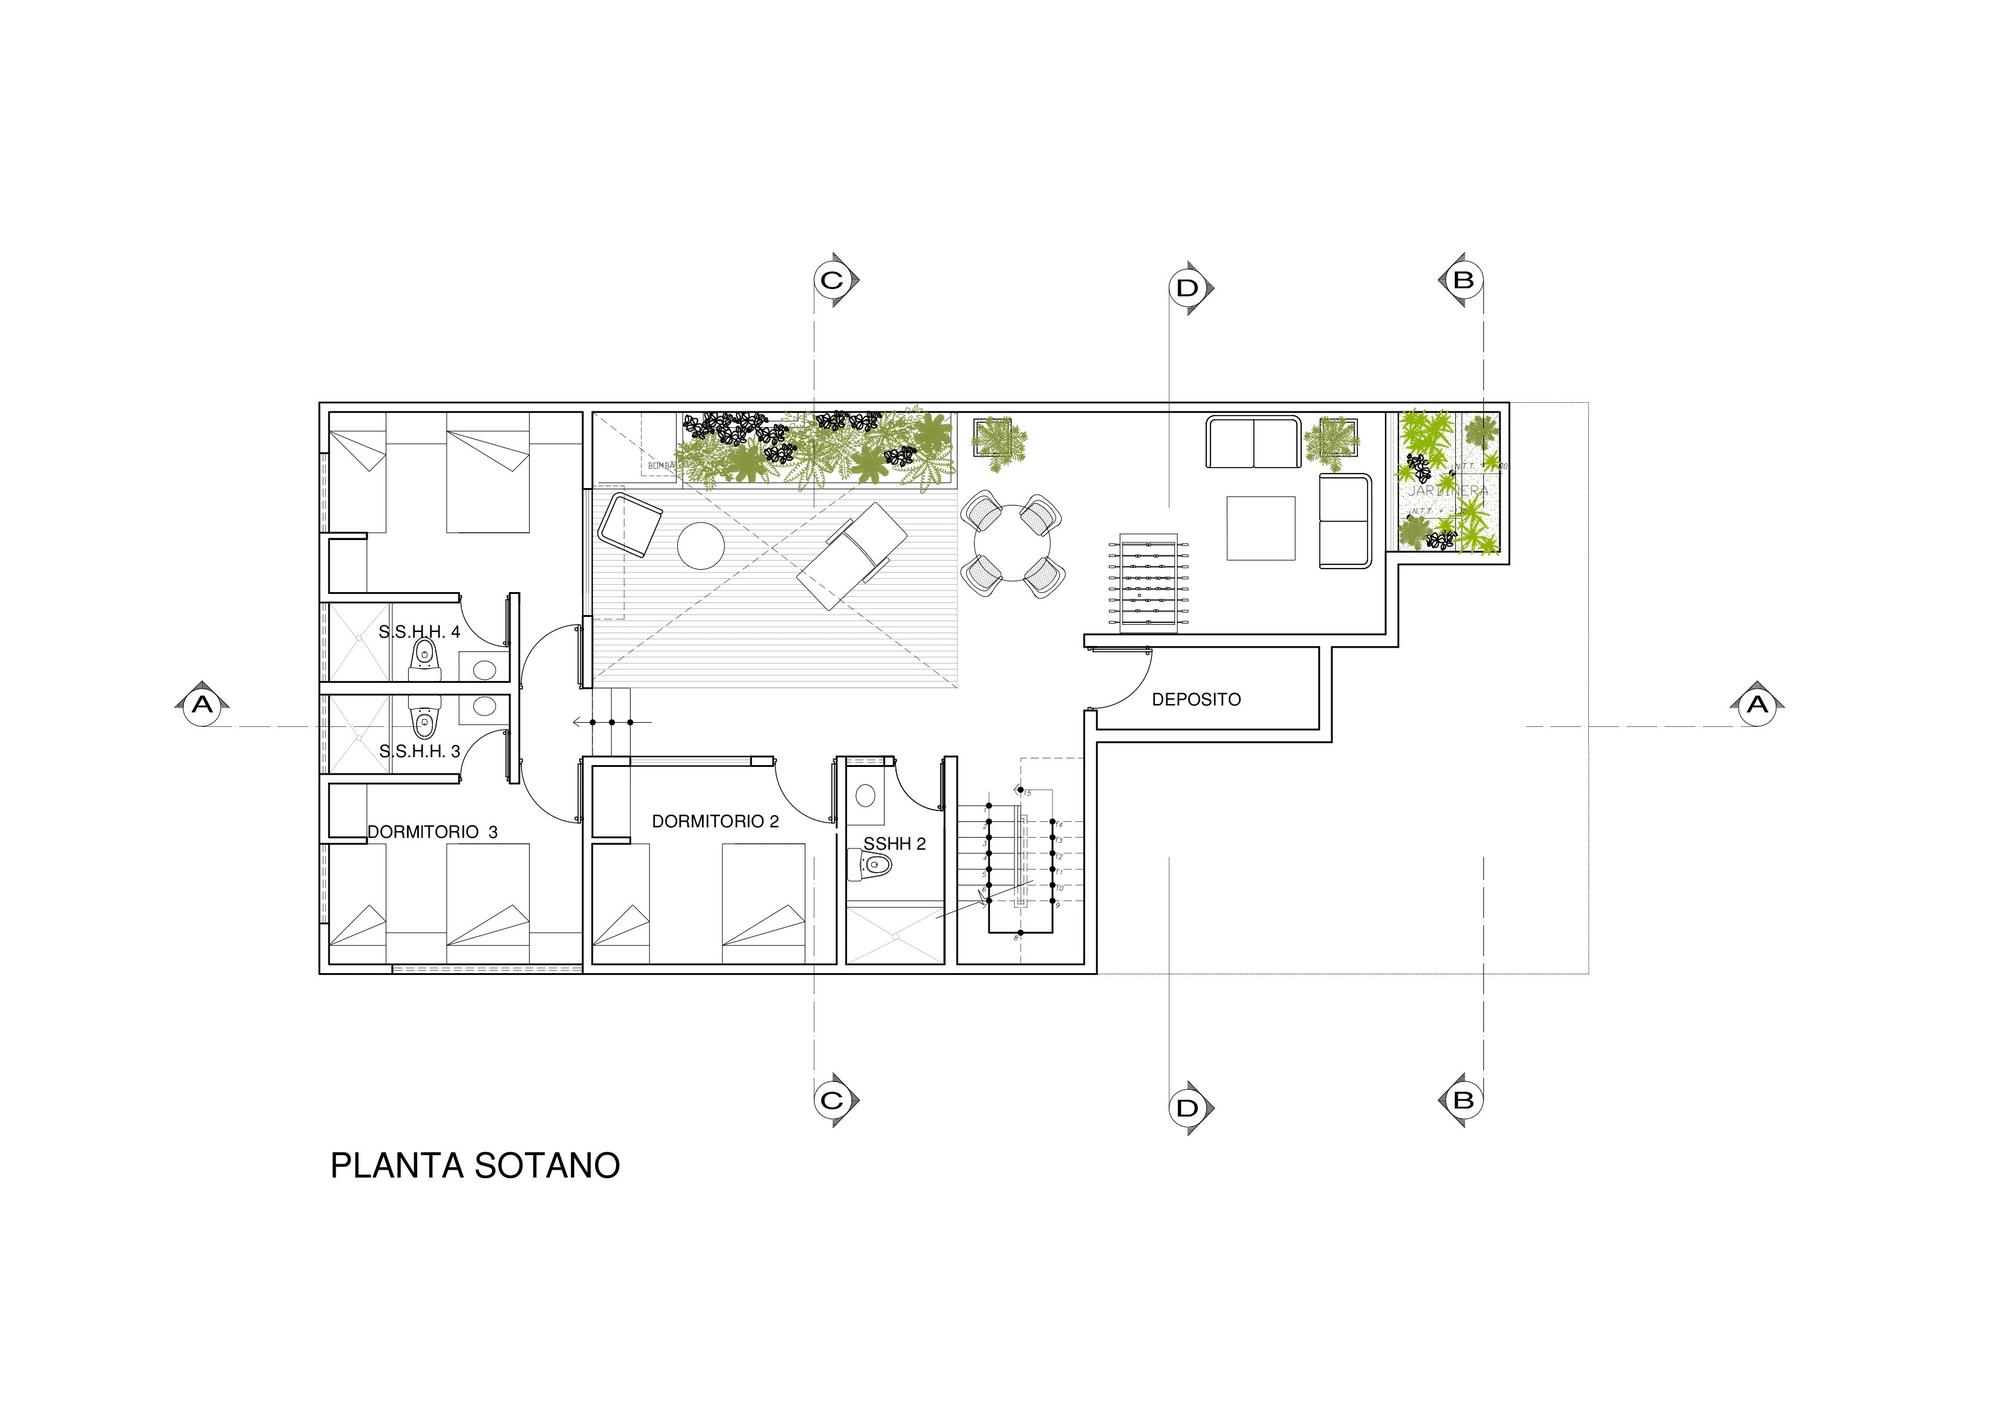 Dise o de casa de una planta con s tano y terraza piscina for Plano de un vivero forestal